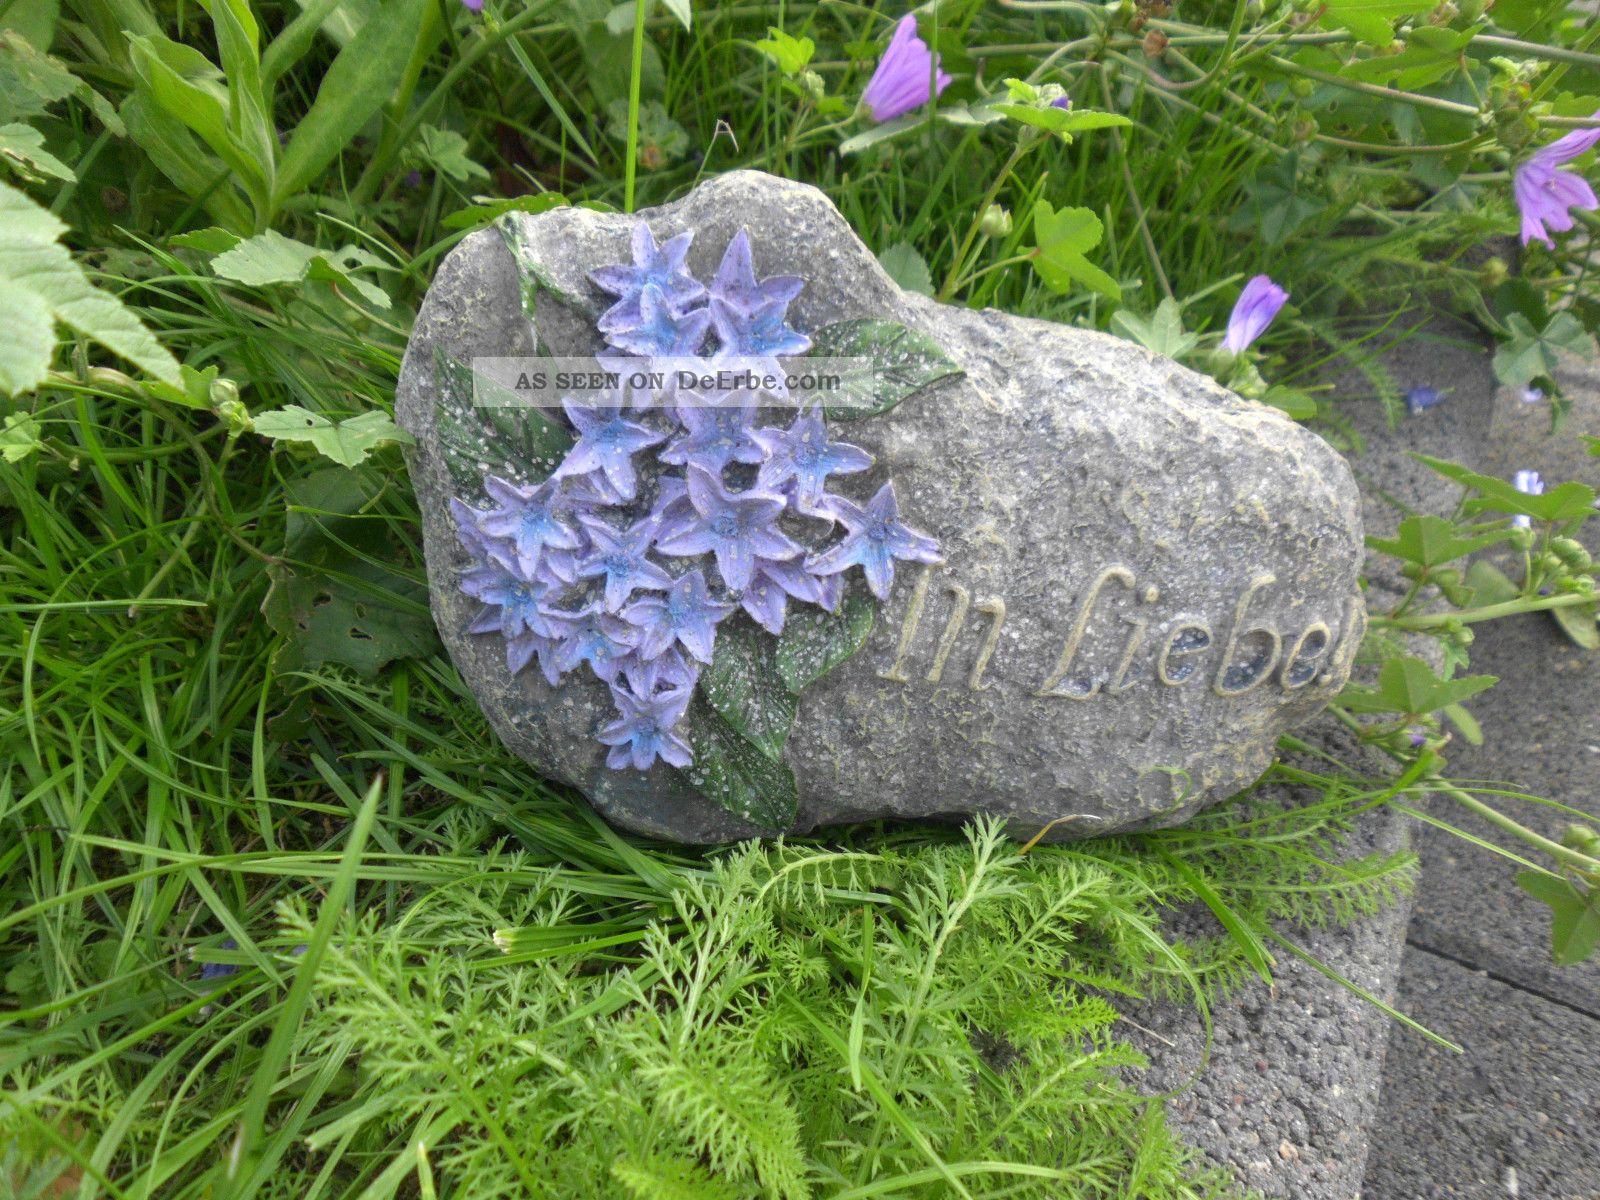 2x deko stein garten spruchstein grabbschmuck for Silberhochzeit deko garten